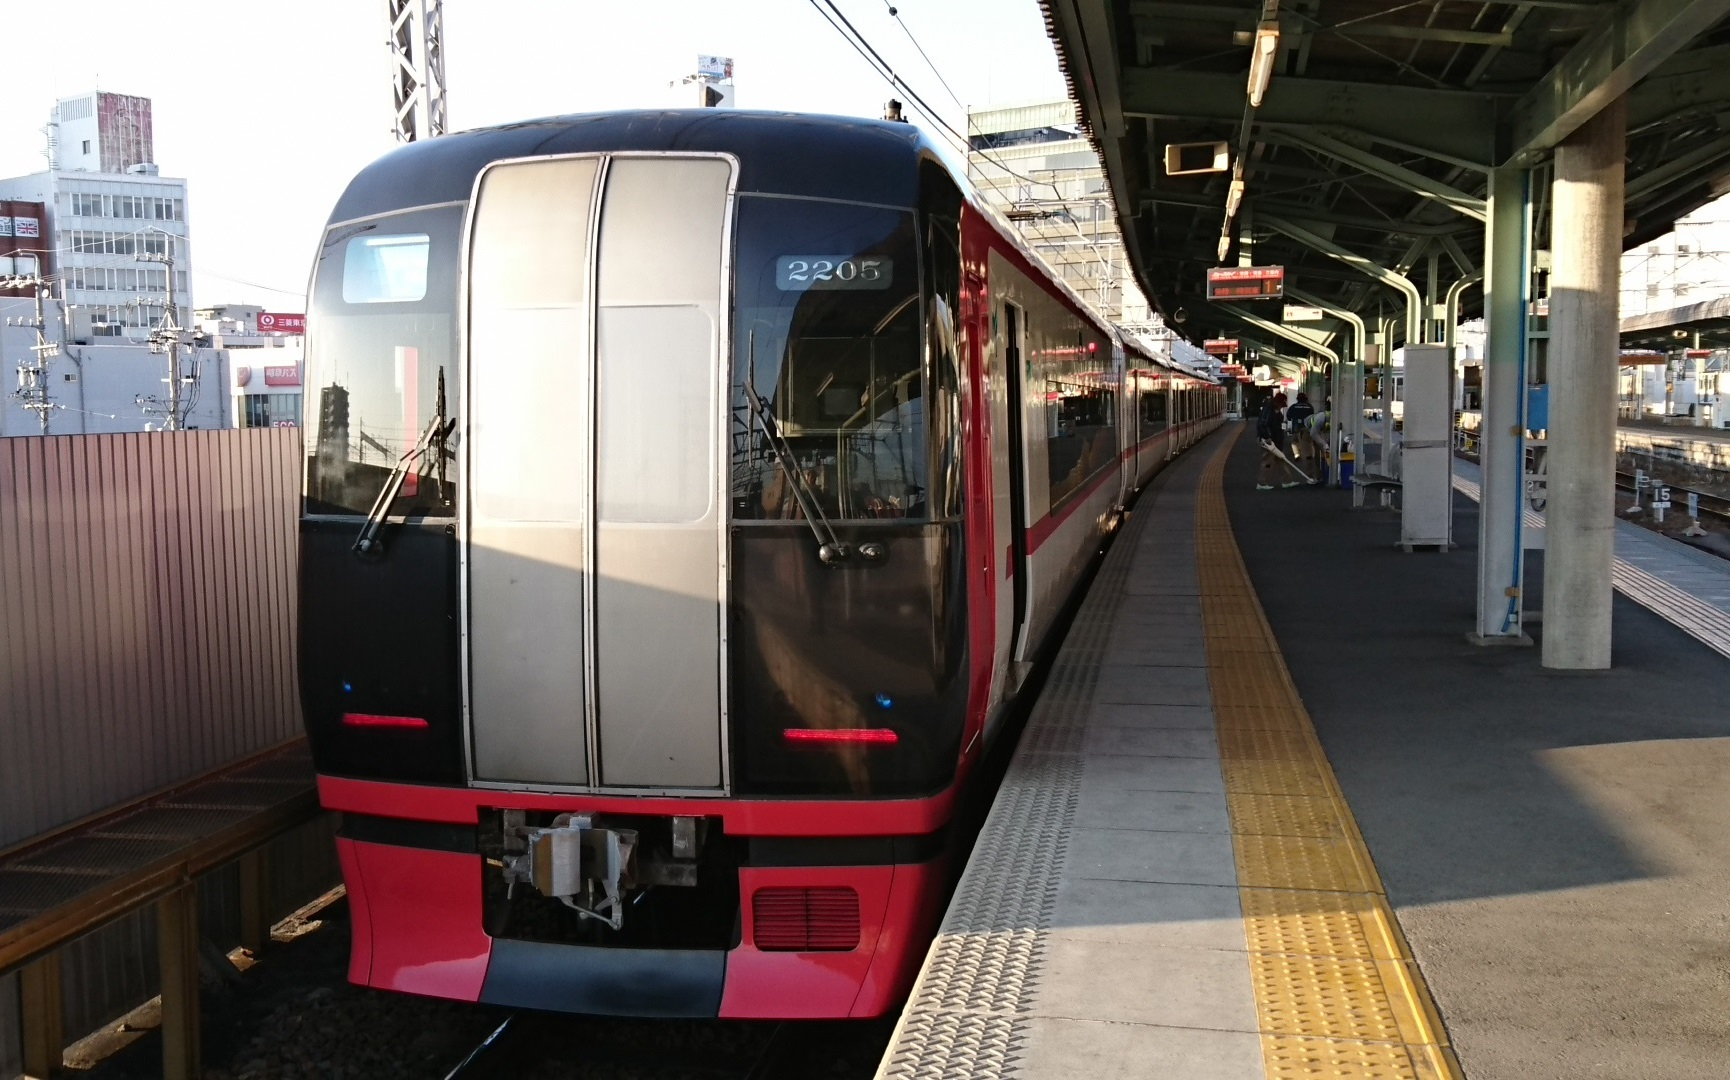 2017.1.3 岐阜から古井まで (6) 岐阜 - 豊橋いき快速特急 1730-1080